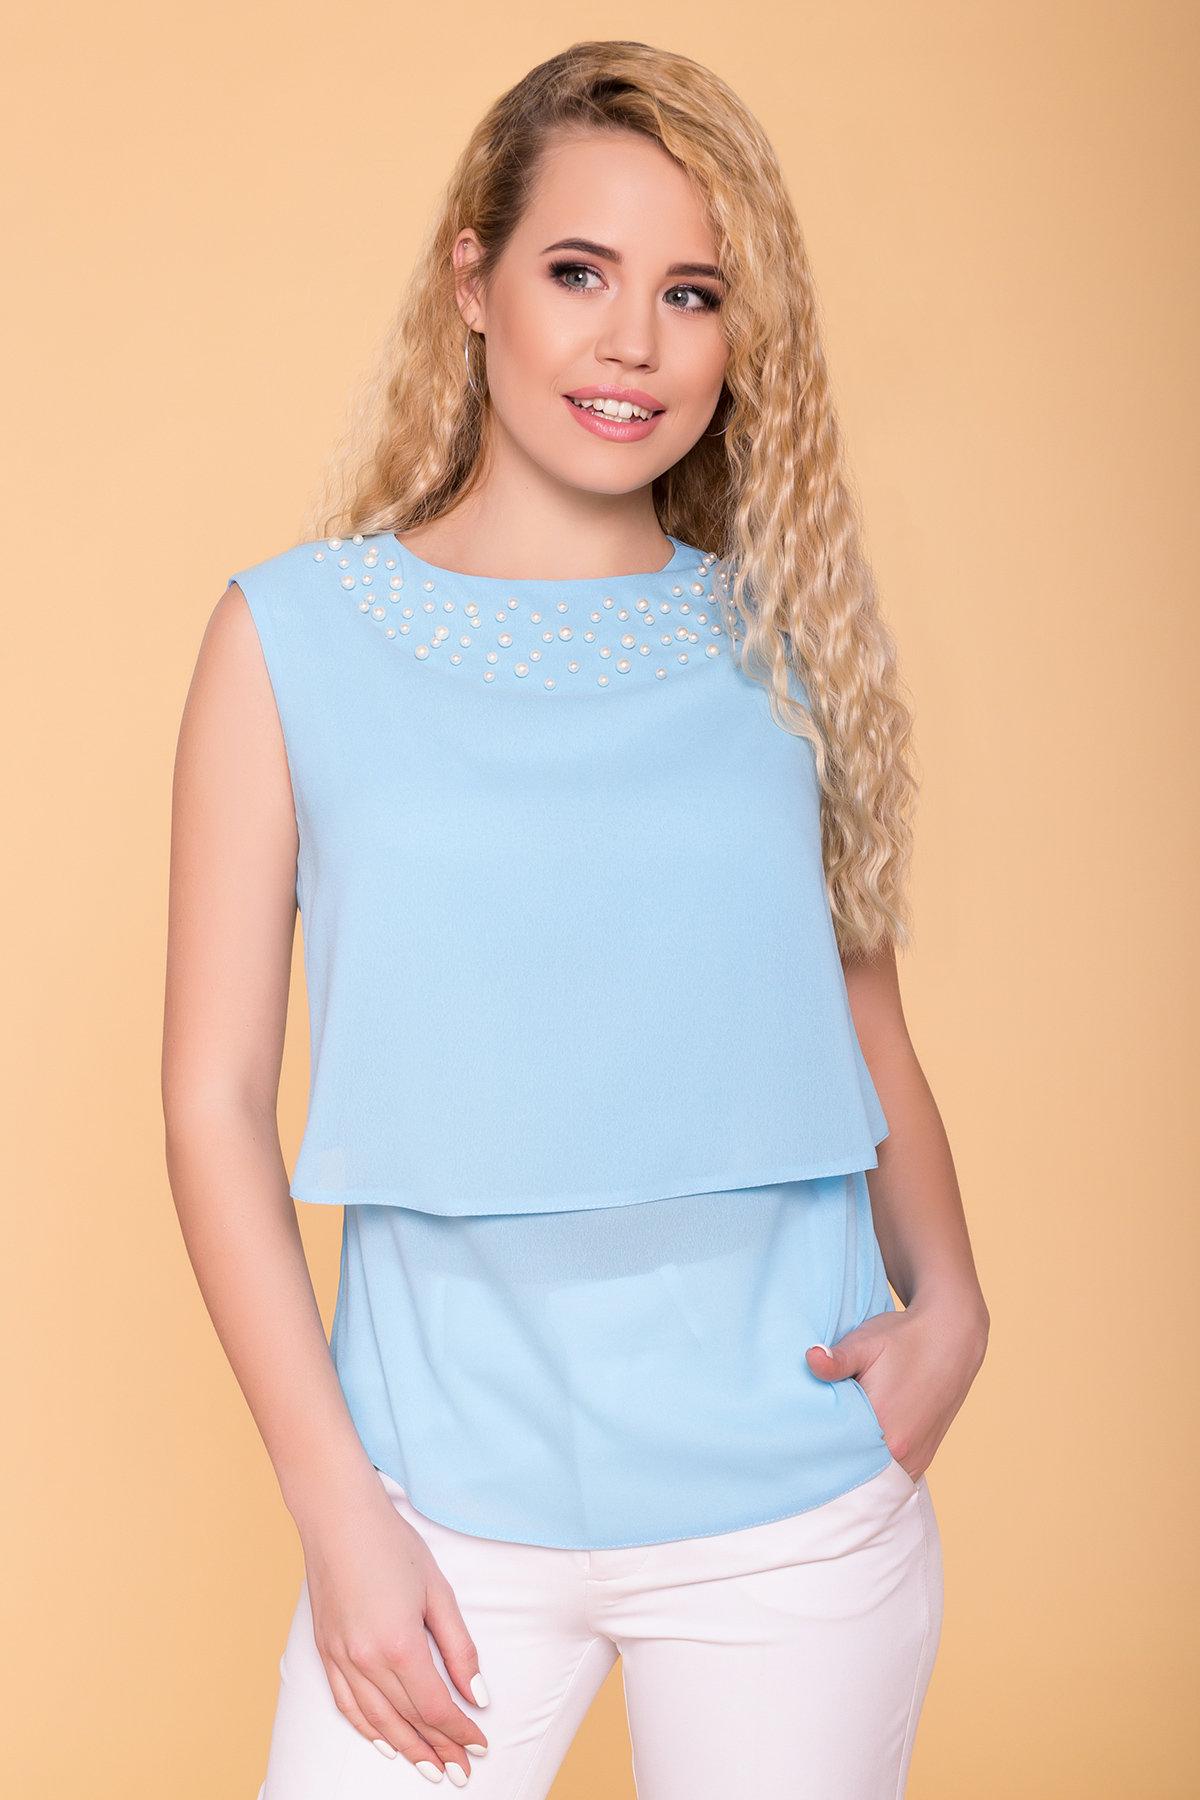 Женские блузки купить от Modus Блуза Арома 5275